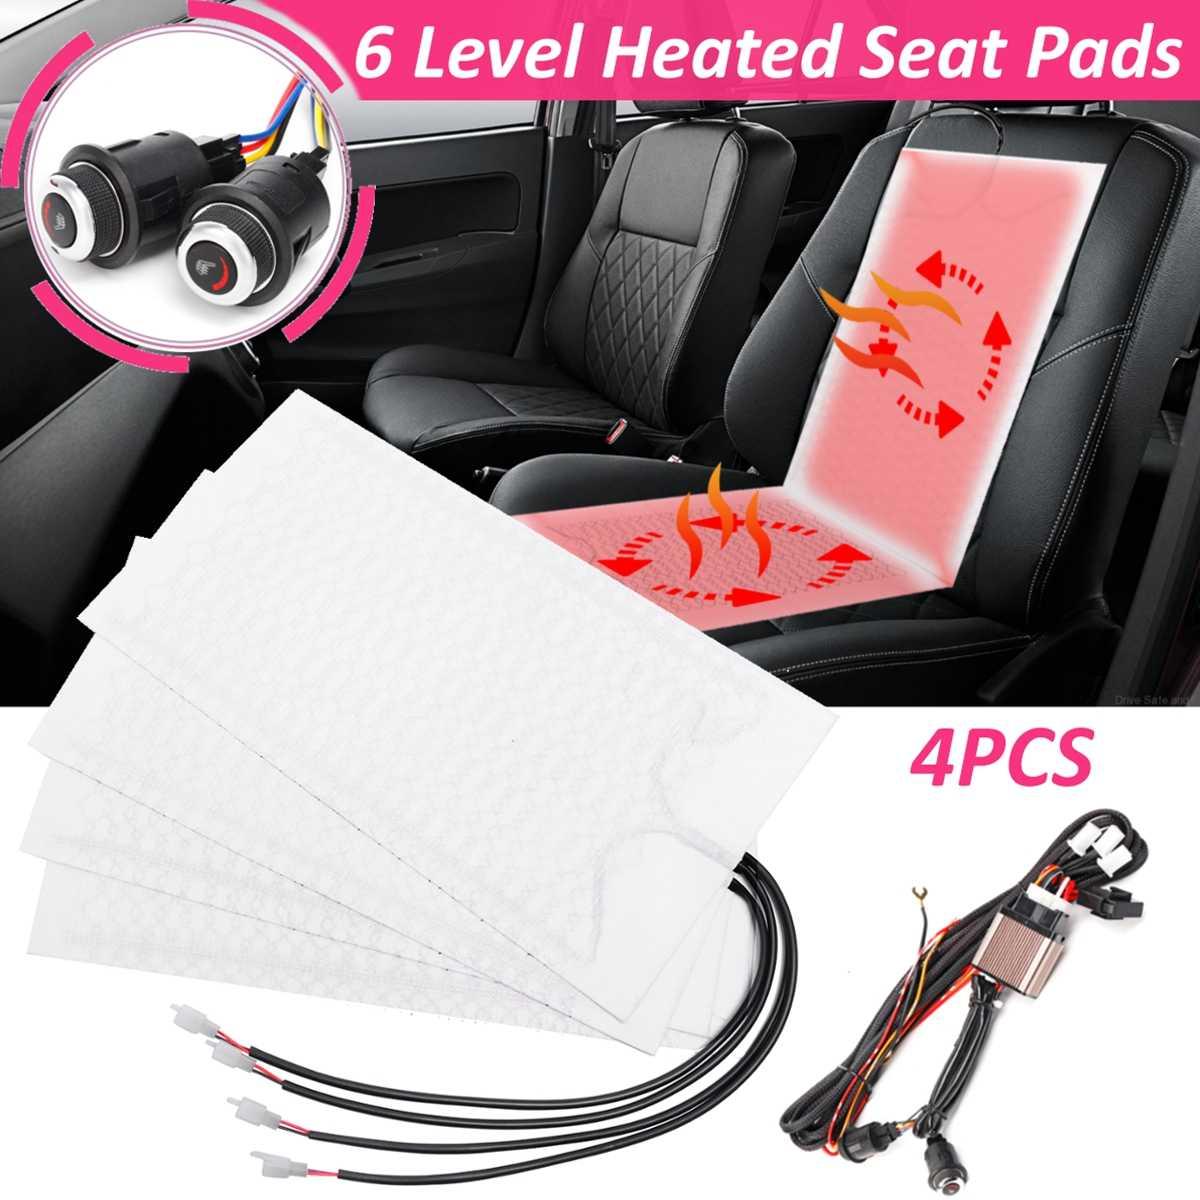 4 Uds 6 Nivel 12V fibra de carbono Universal coche calentador de calefacción almohadillas de asiento invierno asiento calentador cubiertas